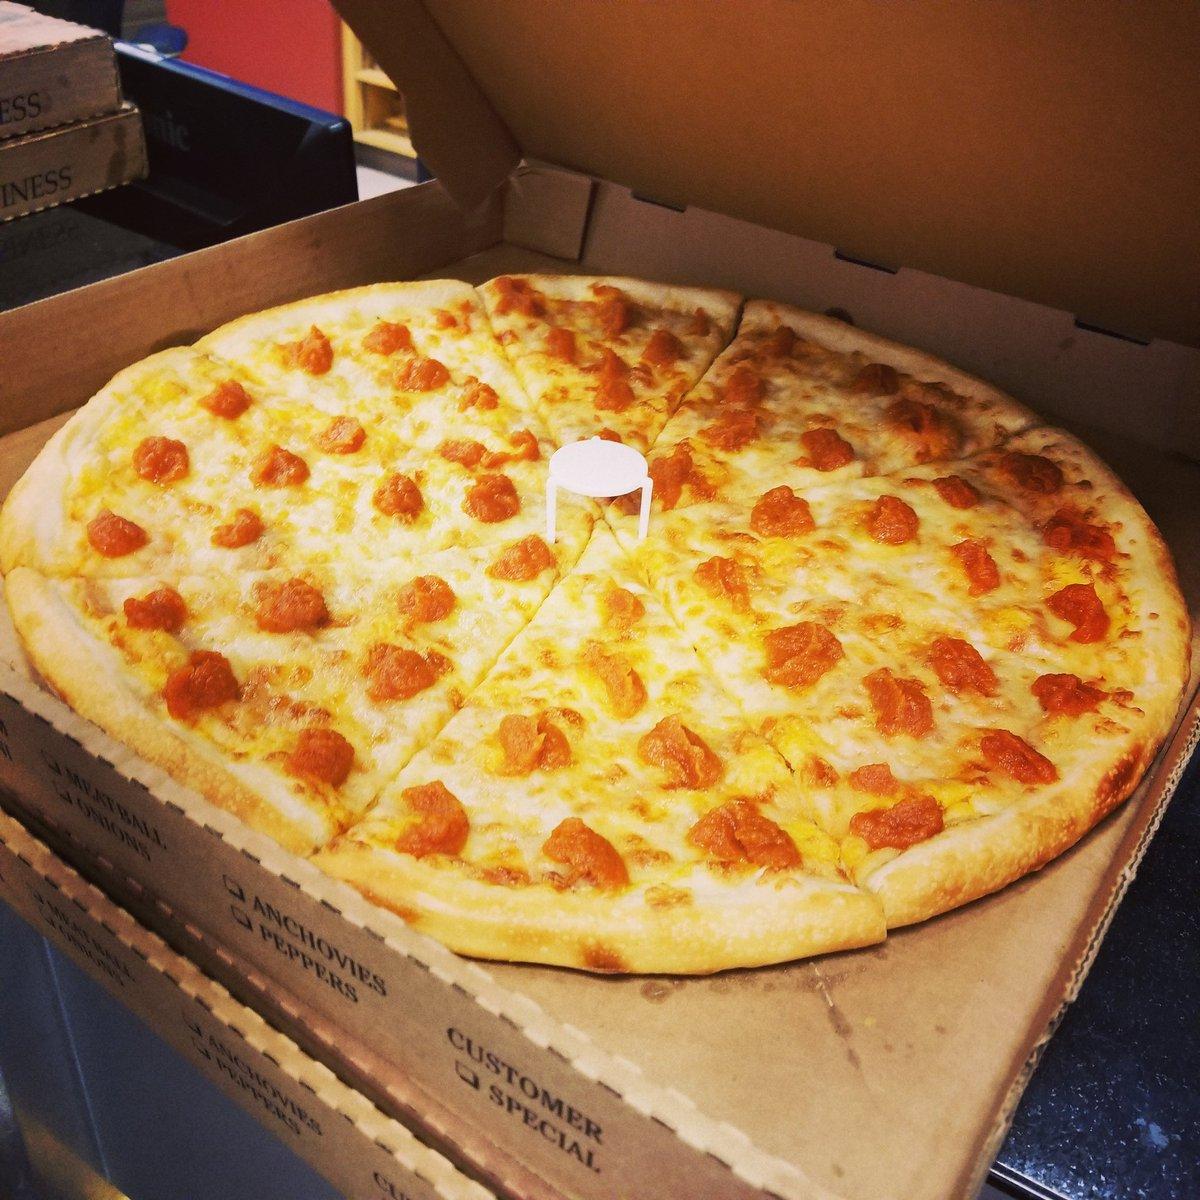 bryce riley on twitter villa italian kitchen sent us pumpkin spice pizza ive never seen pizza this polarizing in the newsroom - Villa Italian Kitchen